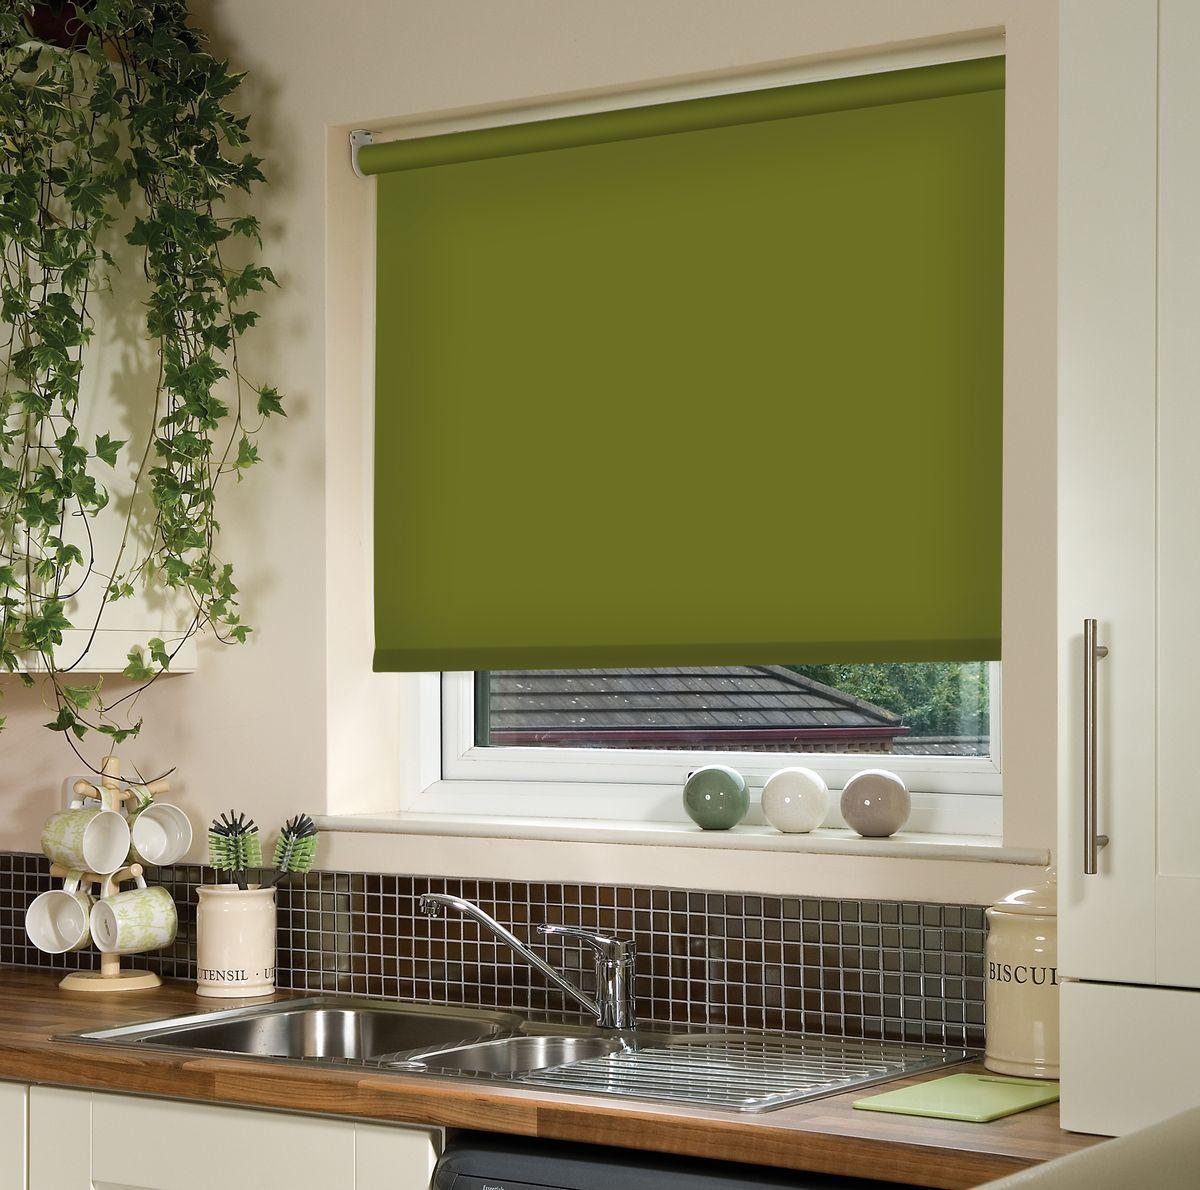 Штора рулонная Эскар, цвет: темно-оливковый, ширина 120 см, высота 170 см81018120170Рулонными шторами можно оформлять окна как самостоятельно, так и использовать в комбинации с портьерами. Это поможет предотвратить выгорание дорогой ткани на солнце и соединит функционал рулонных с красотой навесных.Преимущества применения рулонных штор для пластиковых окон:- имеют прекрасный внешний вид: многообразие и фактурность материала изделия отлично смотрятся в любом интерьере; - многофункциональны: есть возможность подобрать шторы способные эффективно защитить комнату от солнца, при этом о на не будет слишком темной. - Есть возможность осуществить быстрый монтаж. ВНИМАНИЕ! Размеры ширины изделия указаны по ширине ткани!Во время эксплуатации не рекомендуется полностью разматывать рулон, чтобы не оторвать ткань от намоточного вала.В случае загрязнения поверхности ткани, чистку шторы проводят одним из способов, в зависимости от типа загрязнения: легкое поверхностное загрязнение можно удалить при помощи канцелярского ластика; чистка от пыли производится сухим методом при помощи пылесоса с мягкой щеткой-насадкой; для удаления пятна используйте мягкую губку с пенообразующим неагрессивным моющим средством или пятновыводитель на натуральной основе (нельзя применять растворители).